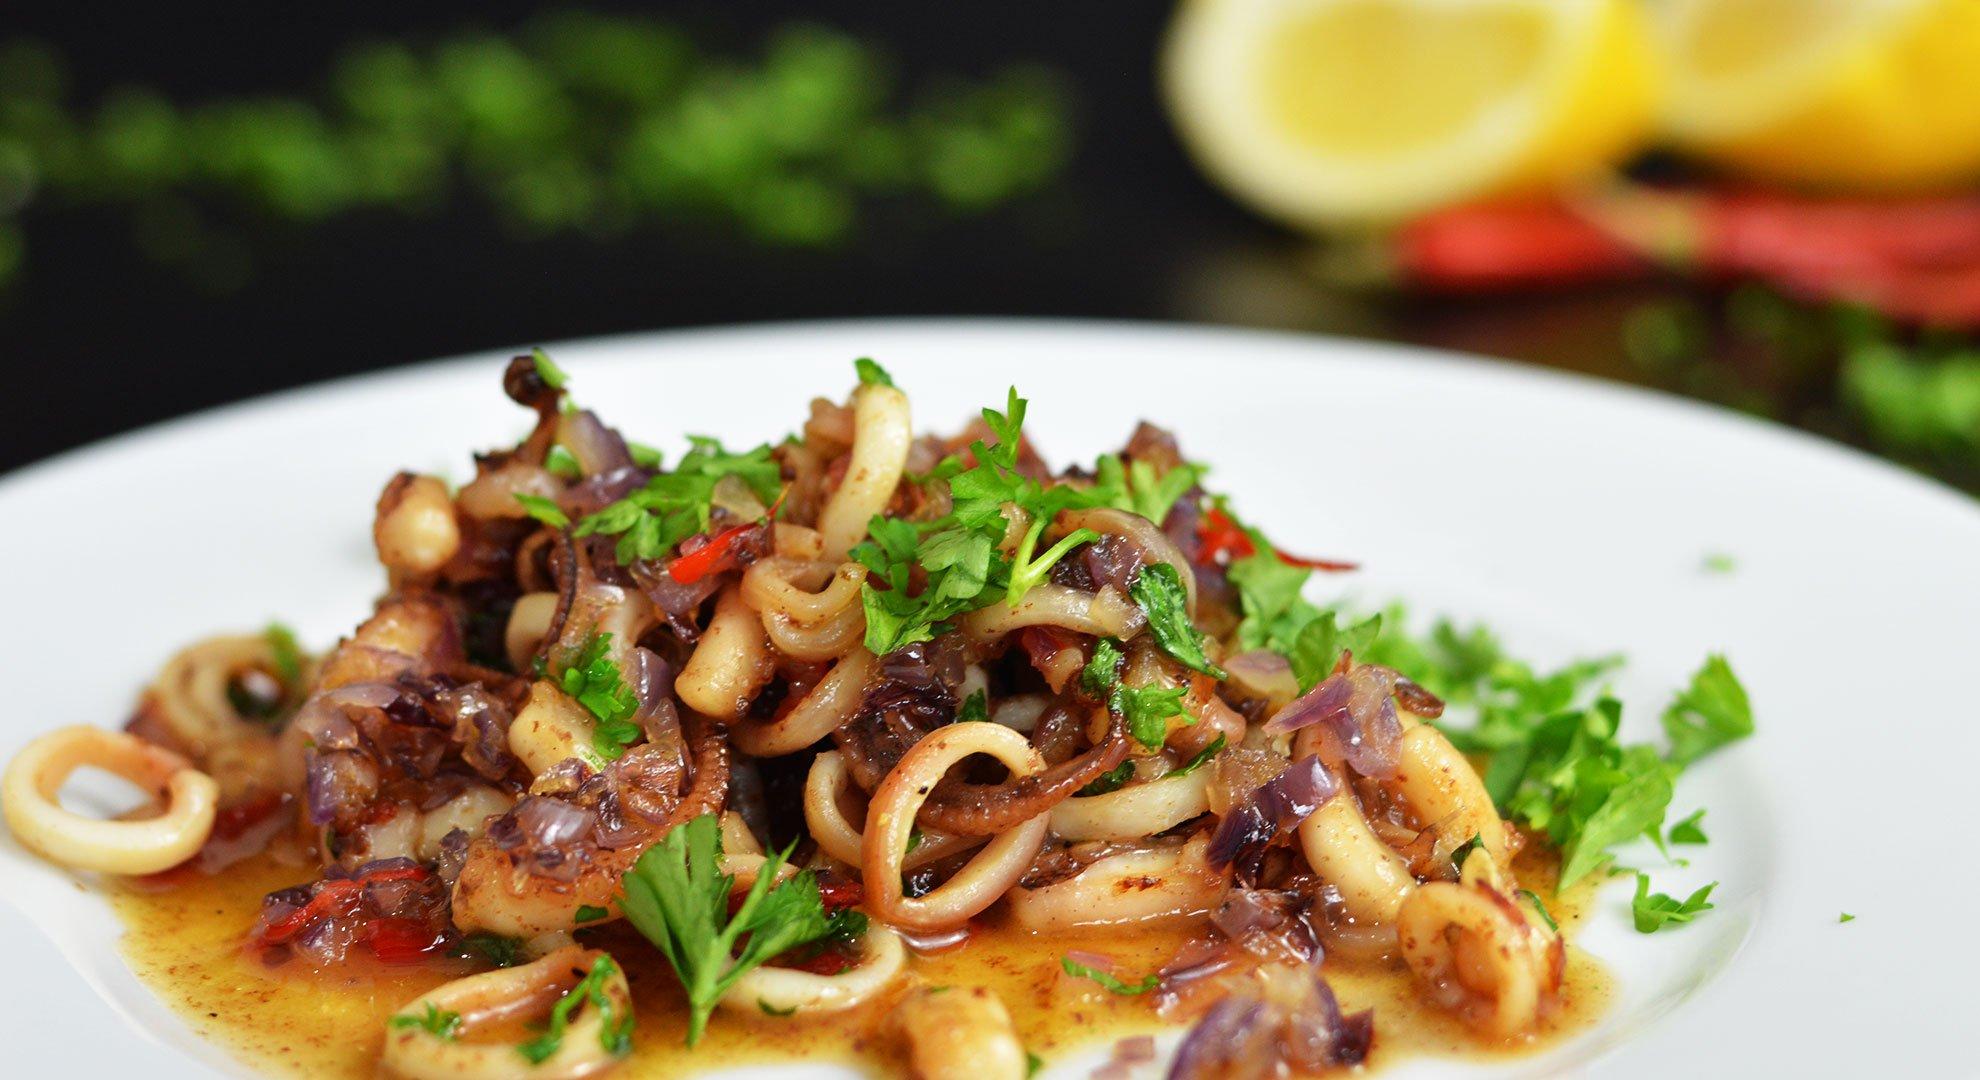 Tintenfisch Rezept gebraten mit Gemüse und frischer Petersilie